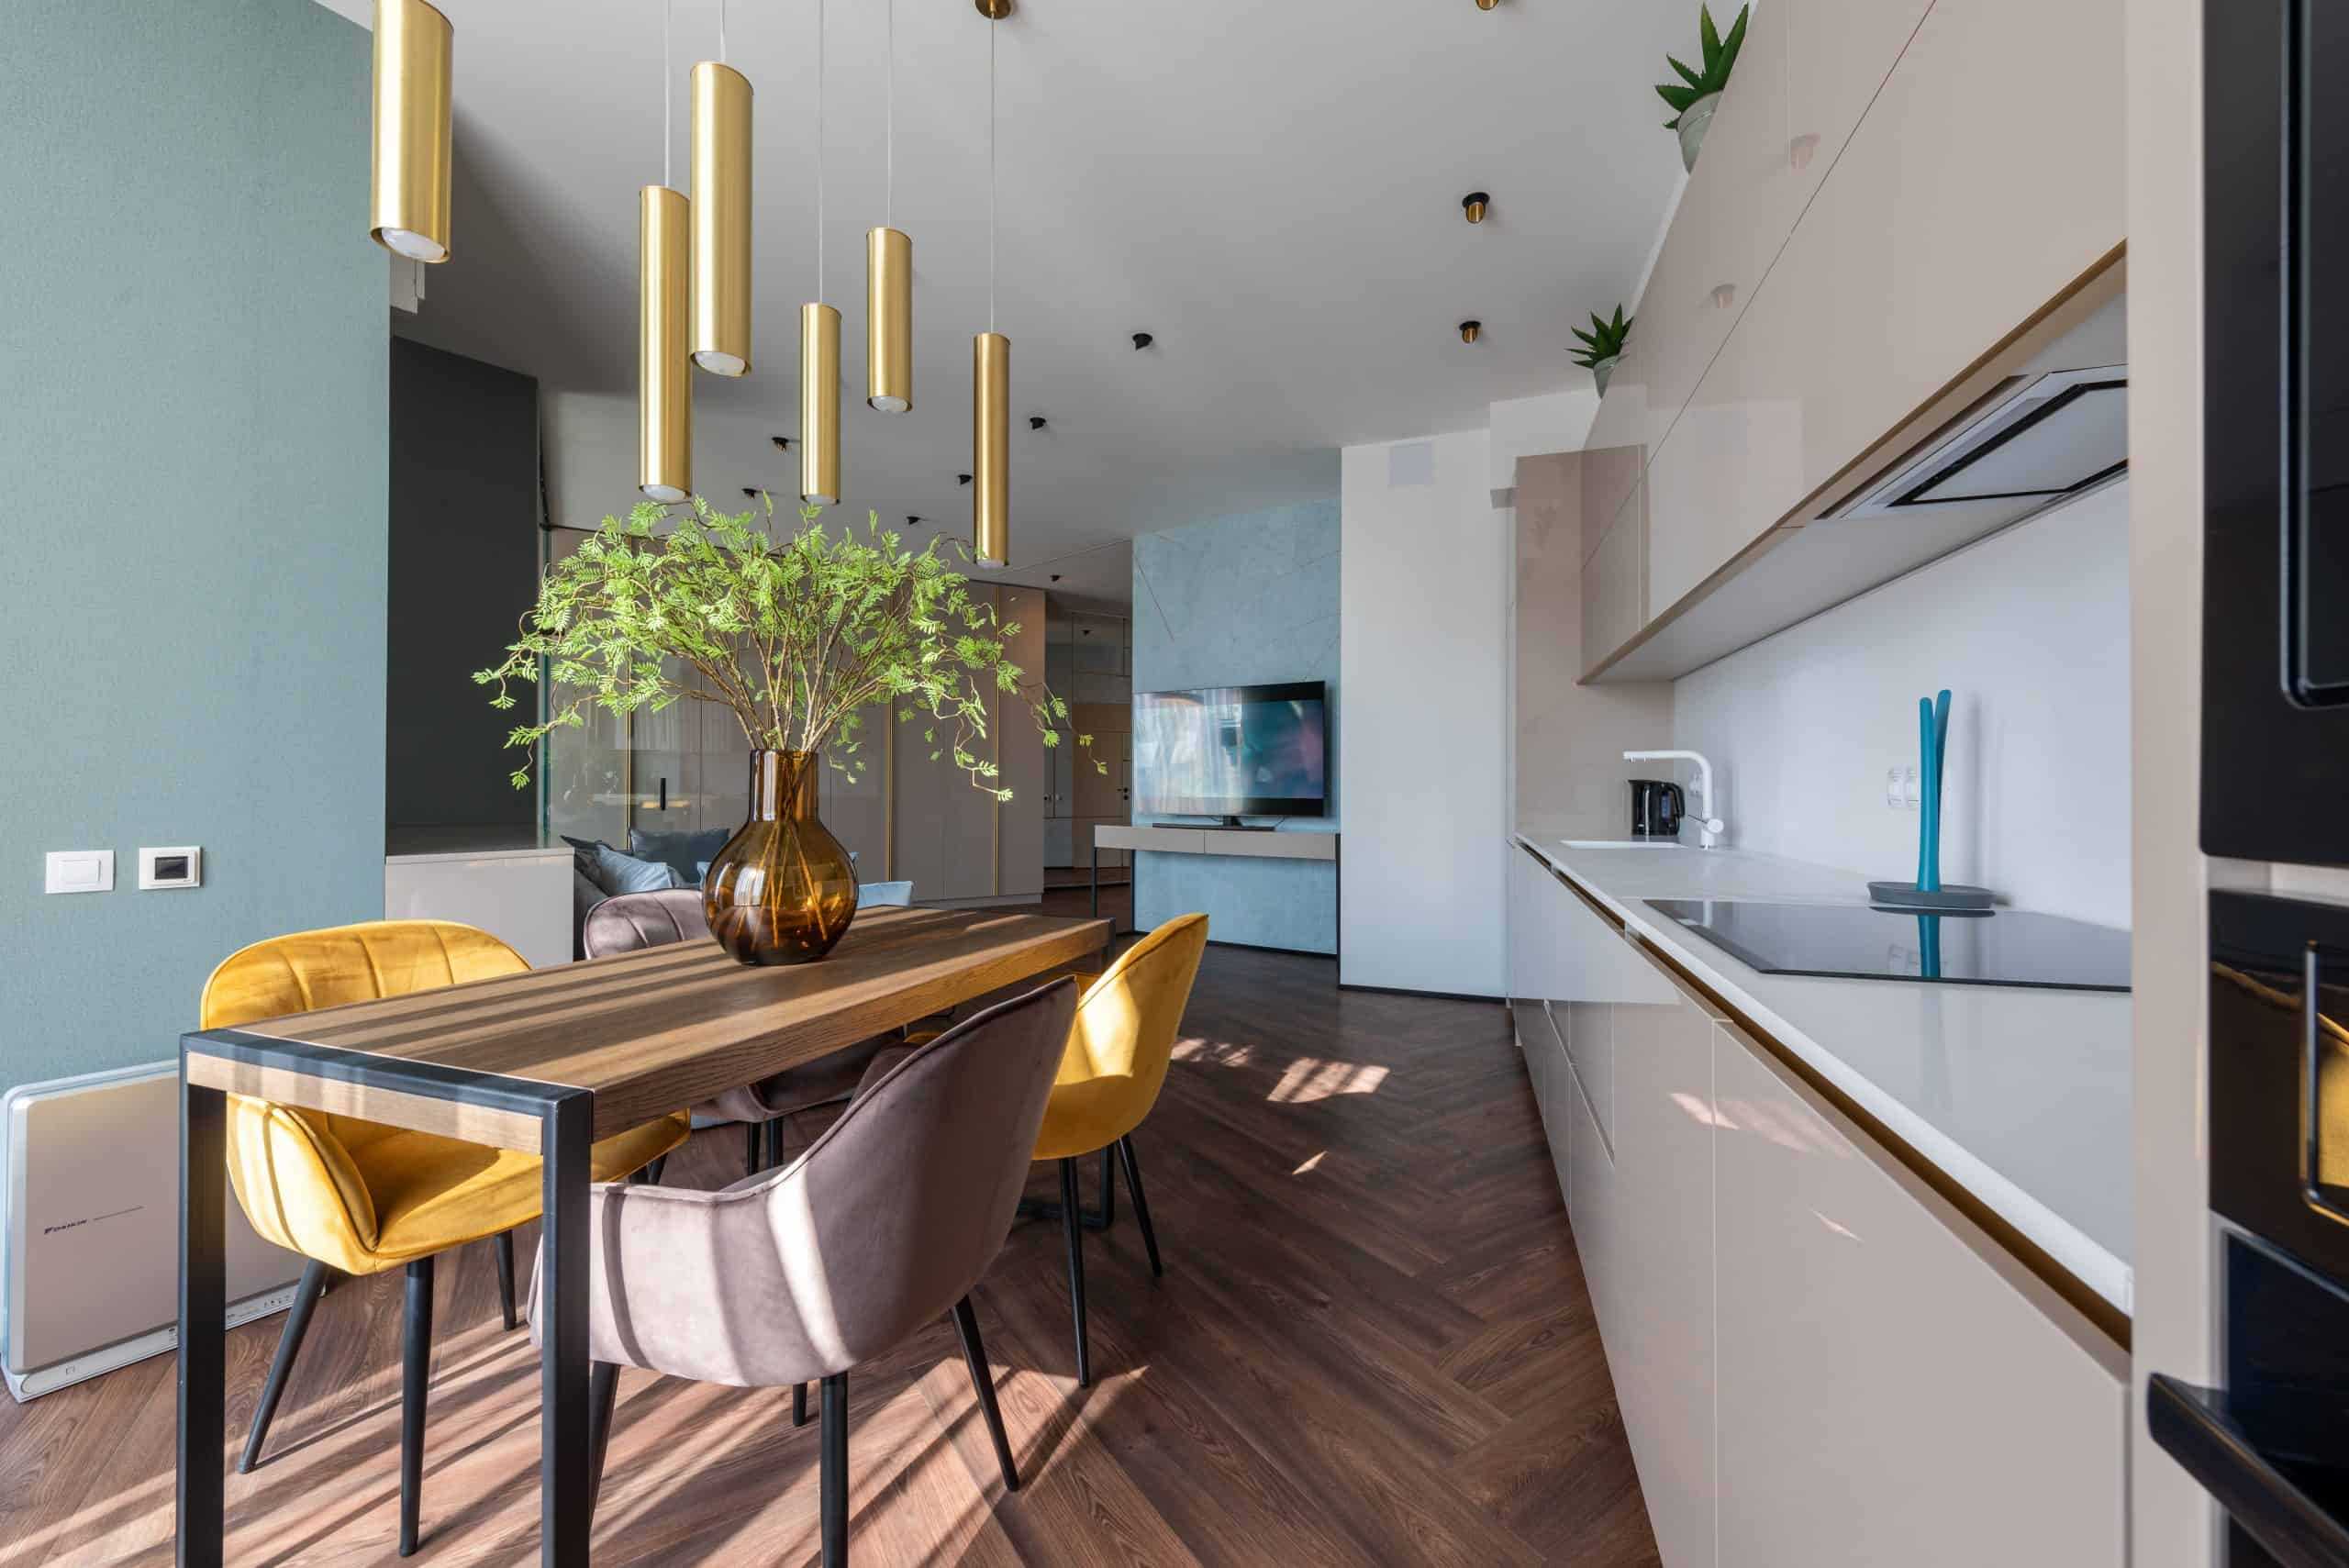 איך מעצבים בית לבד